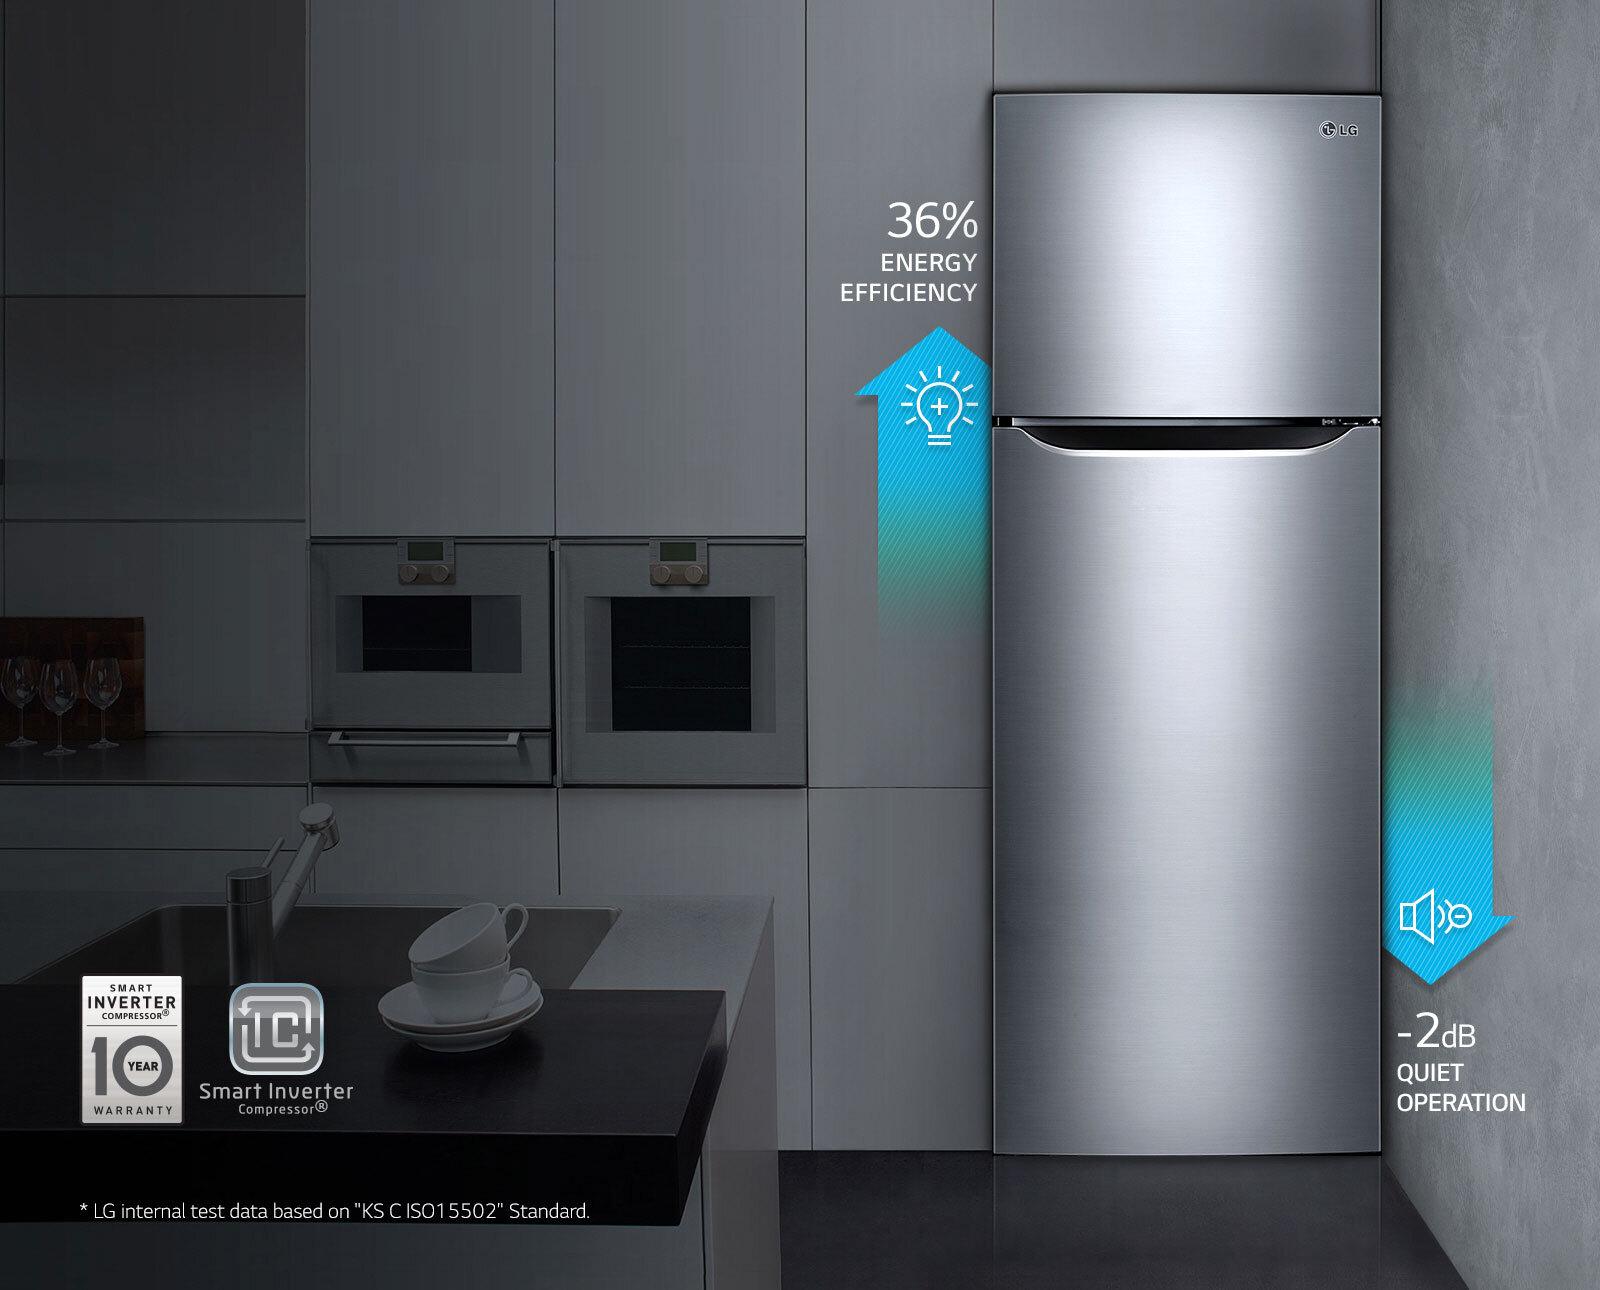 Công nghệ Inverter giúp tiết kiệm điện với tủ lạnh LG